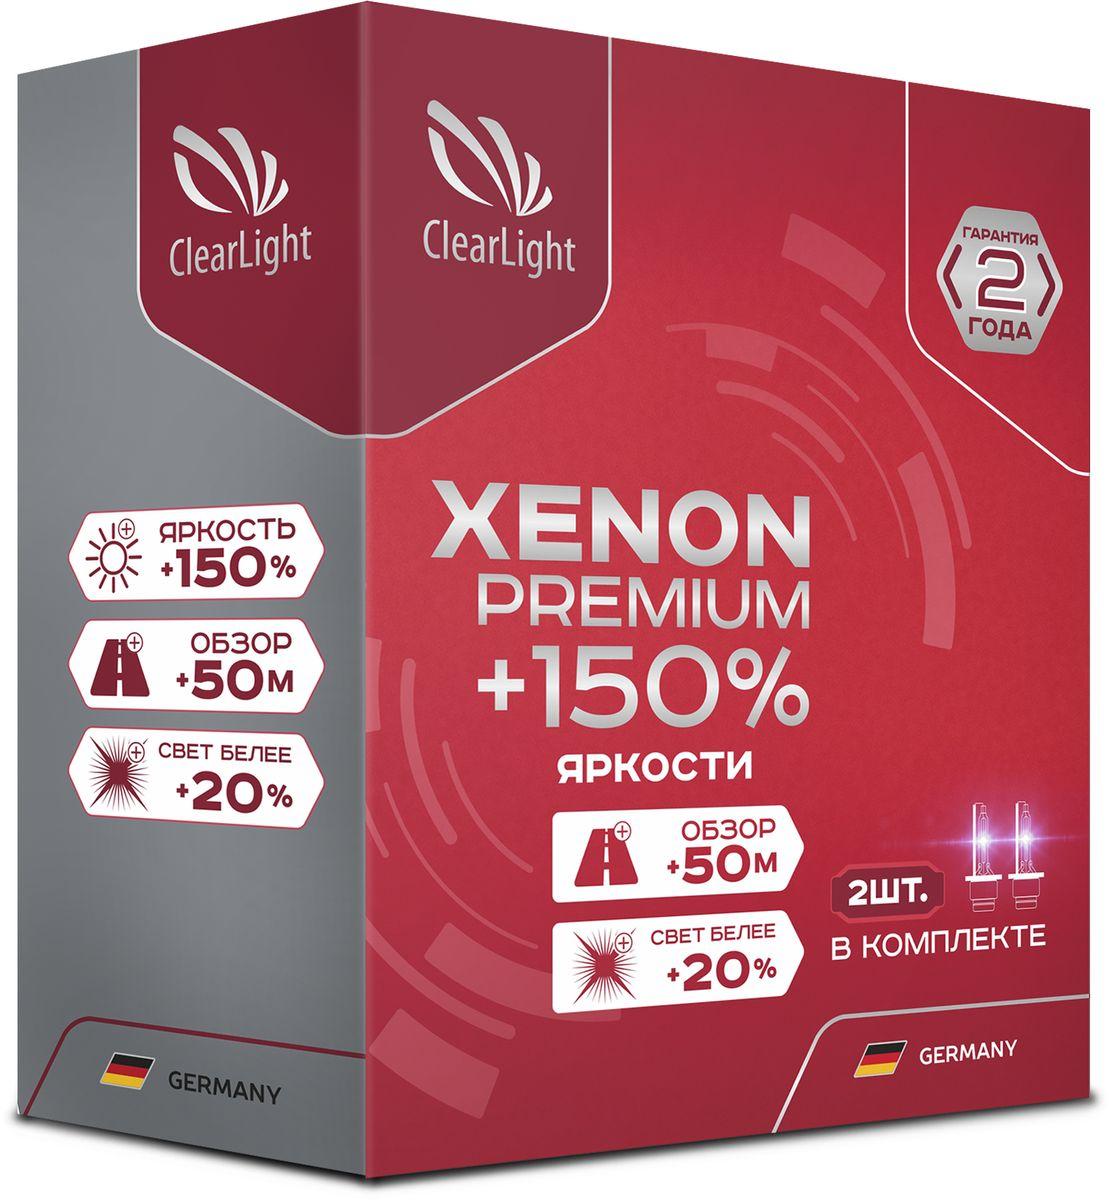 Лампа автомобильная ксеноновая Clearlight Xenon Premium+150%, цоколь HB3, 5000 К, 35 Вт, 2 штPCL HB3 150-2XP-2Лампы Clearlight Xenon Premium+150% - безусловный выбор водителей предпочитающих лучшее световое решение на сегодняшний день в ксеноновом автосвете. Высокая яркость лампы достигнута за счет применения инновационных технологий, позволивших увеличить давление газов внутри колбы лампы. Колба выполненна из высококачественного кварцевого стекла, которое выдерживает любые перепады температур и высокое внутреннее давление.Мы уверенны в высоком качестве своего продукта, именно поэтому мы предоставляем гарантию 24 месяца!